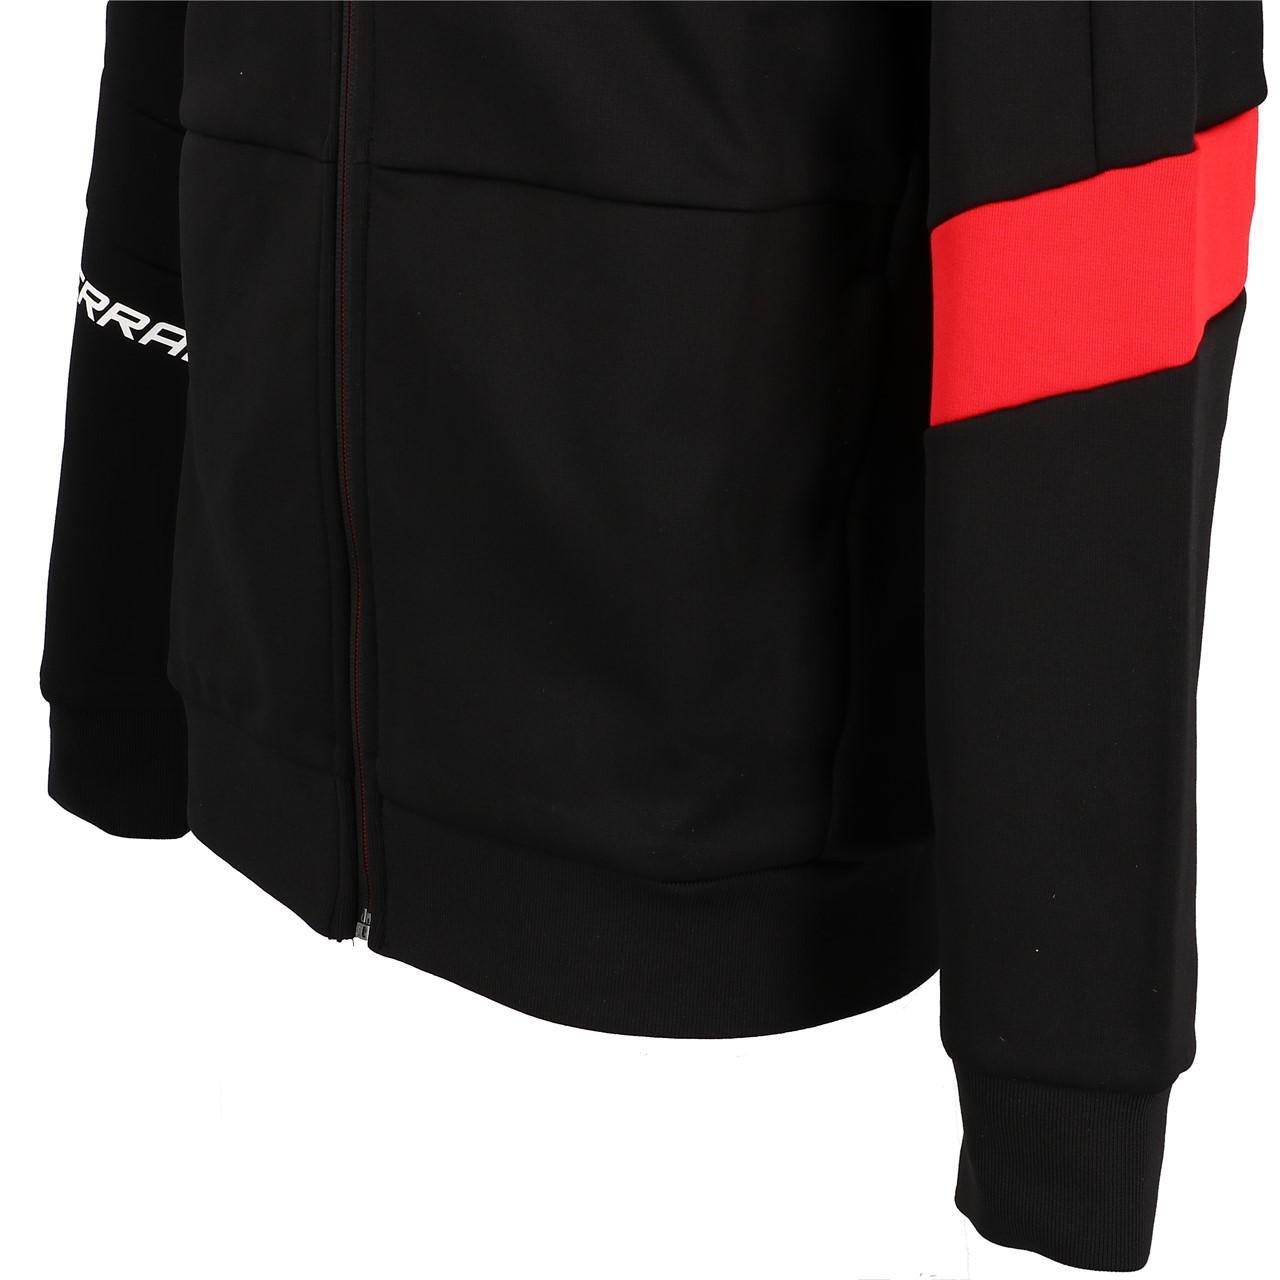 Sweatshirts-Jacken-mit-Reissverschluss-Puma-Sf-t7-Track-Schwarz-19723-Neu Indexbild 3